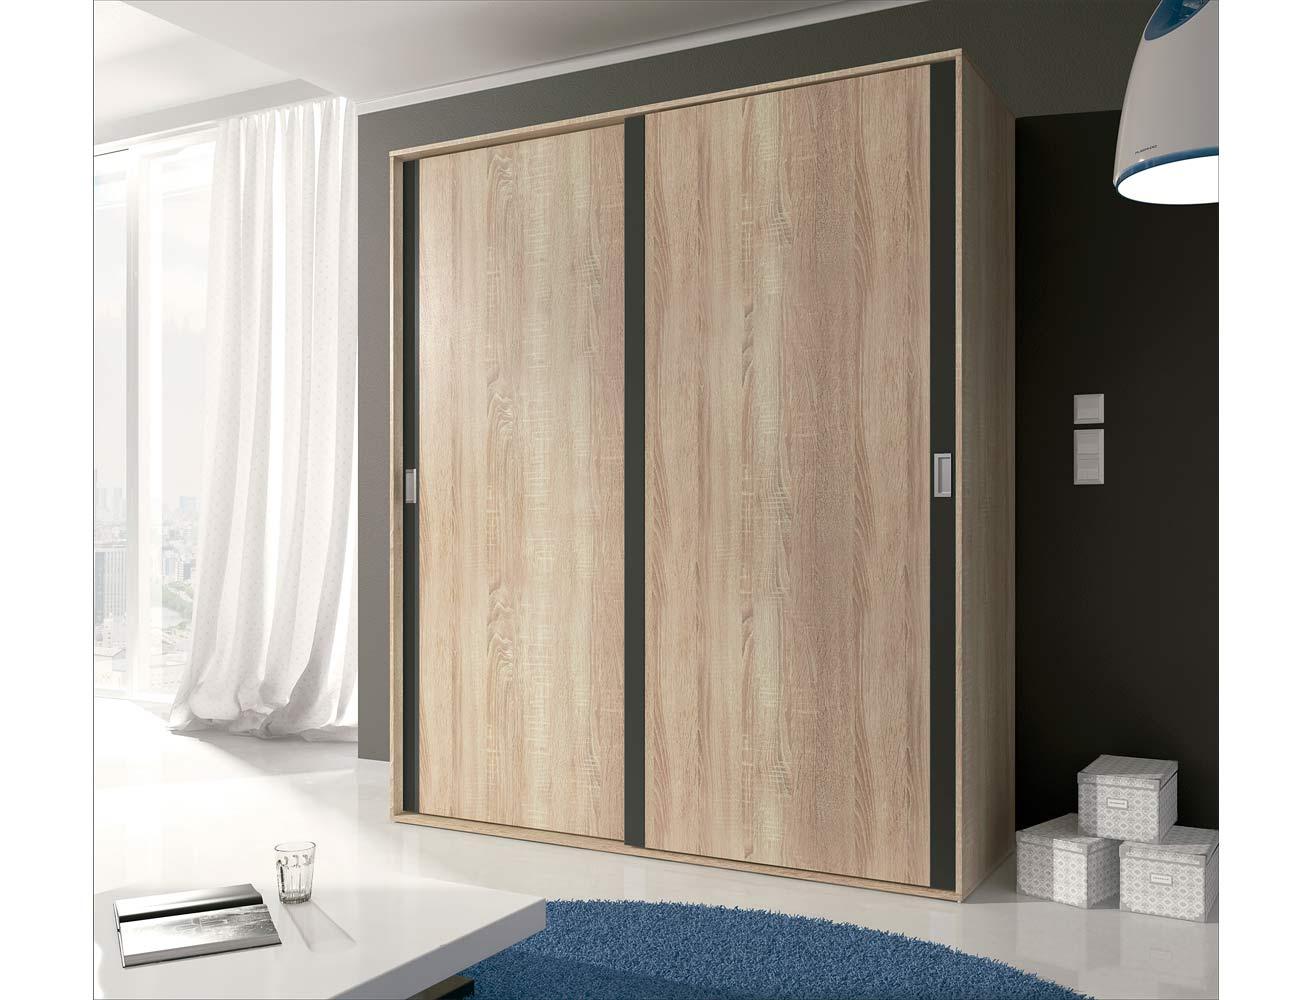 13 armario 2 puertas correderas cambrian grafito